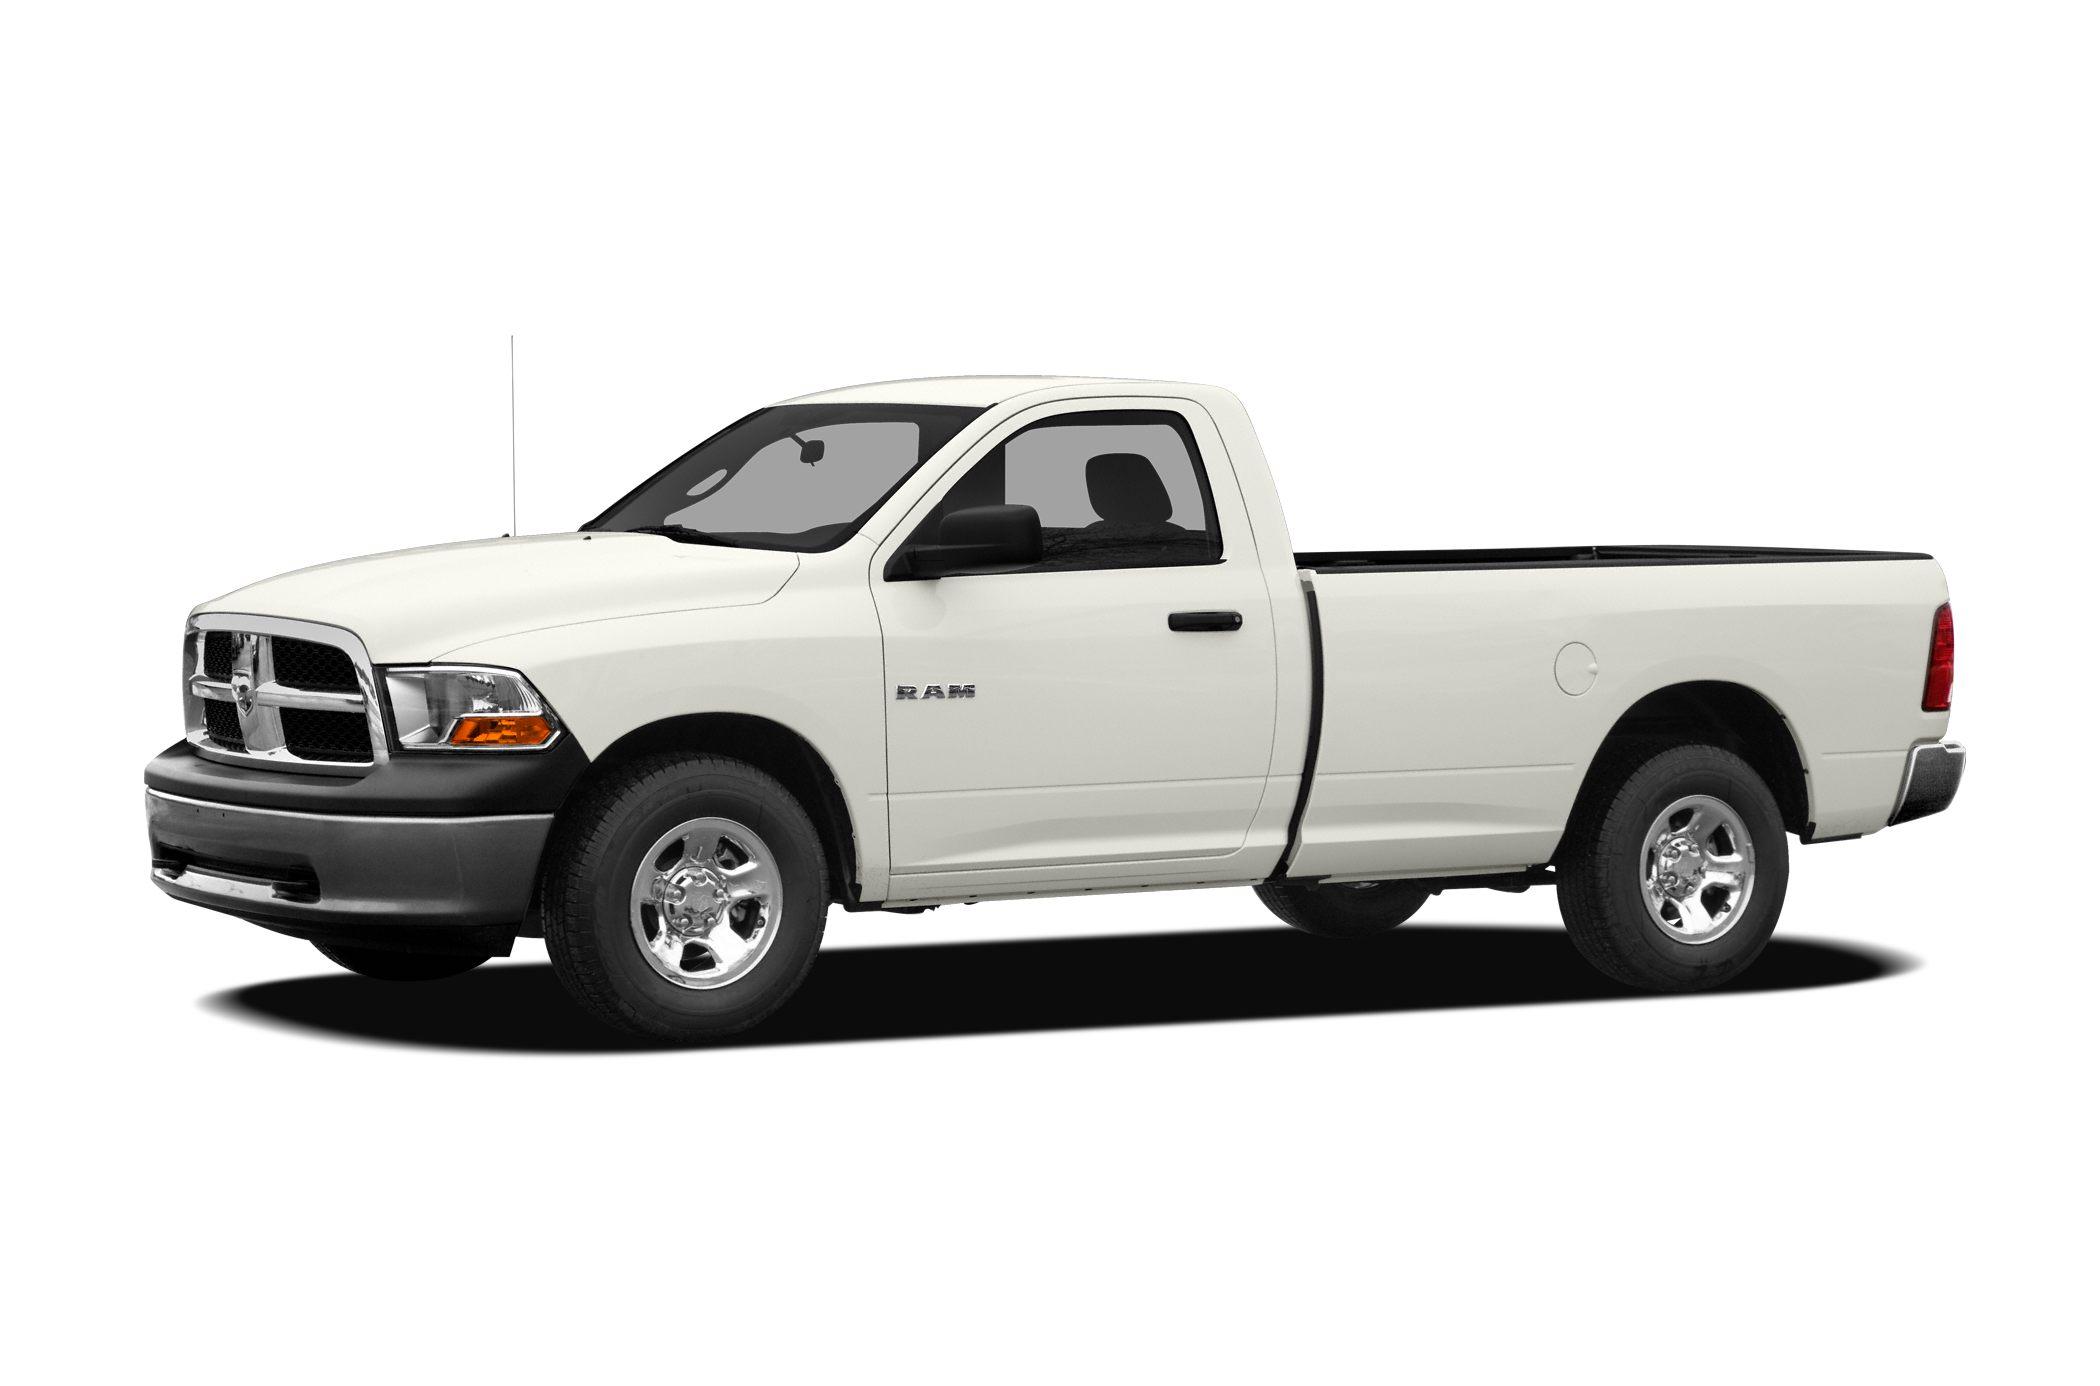 2011DodgeRam 1500